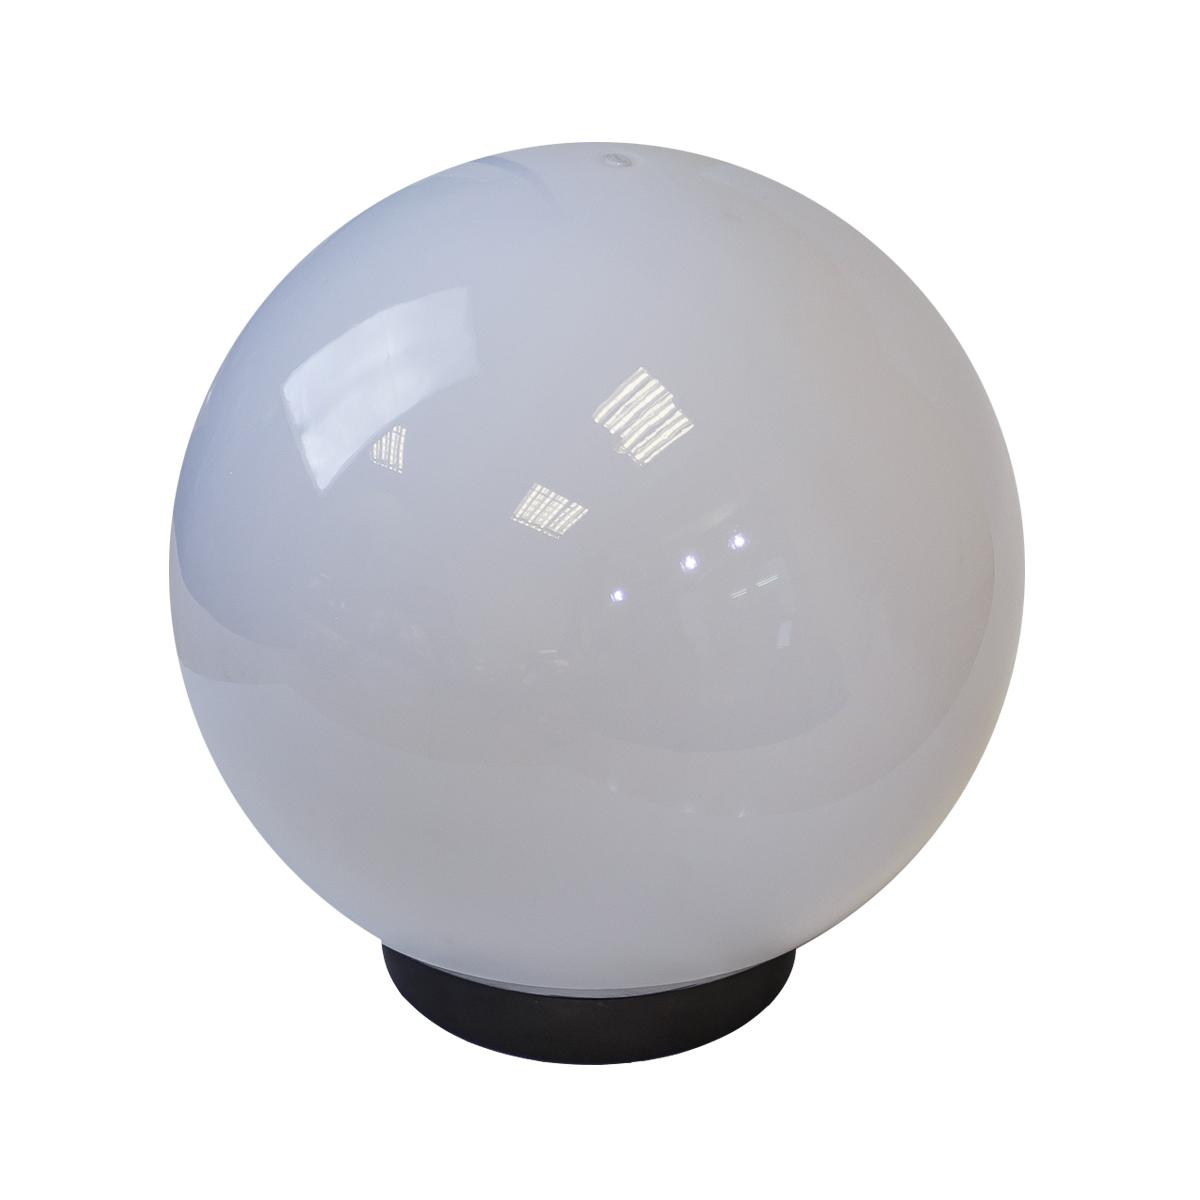 Светильник садово-парковый ЭРА НТУ 02-60-251 шар белый призма d250